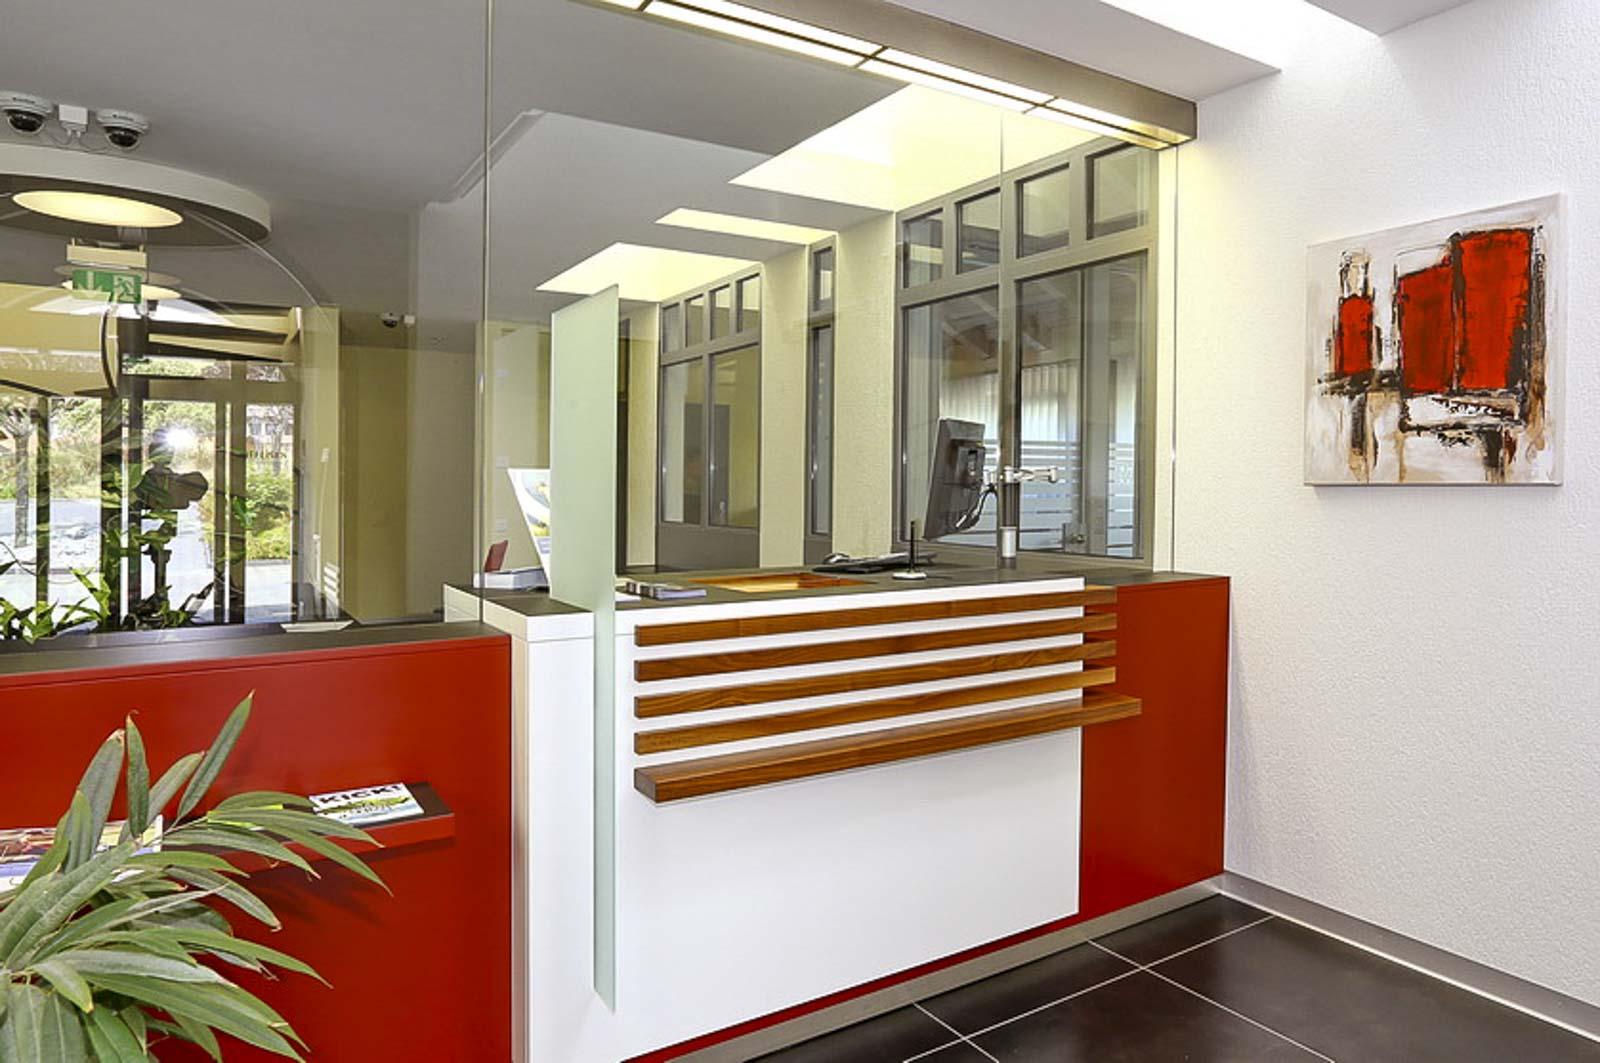 Wooddesign_öffentliche bauten_Schalteranlage_Raiffeisen Rechthalten_Panzerglas (3)